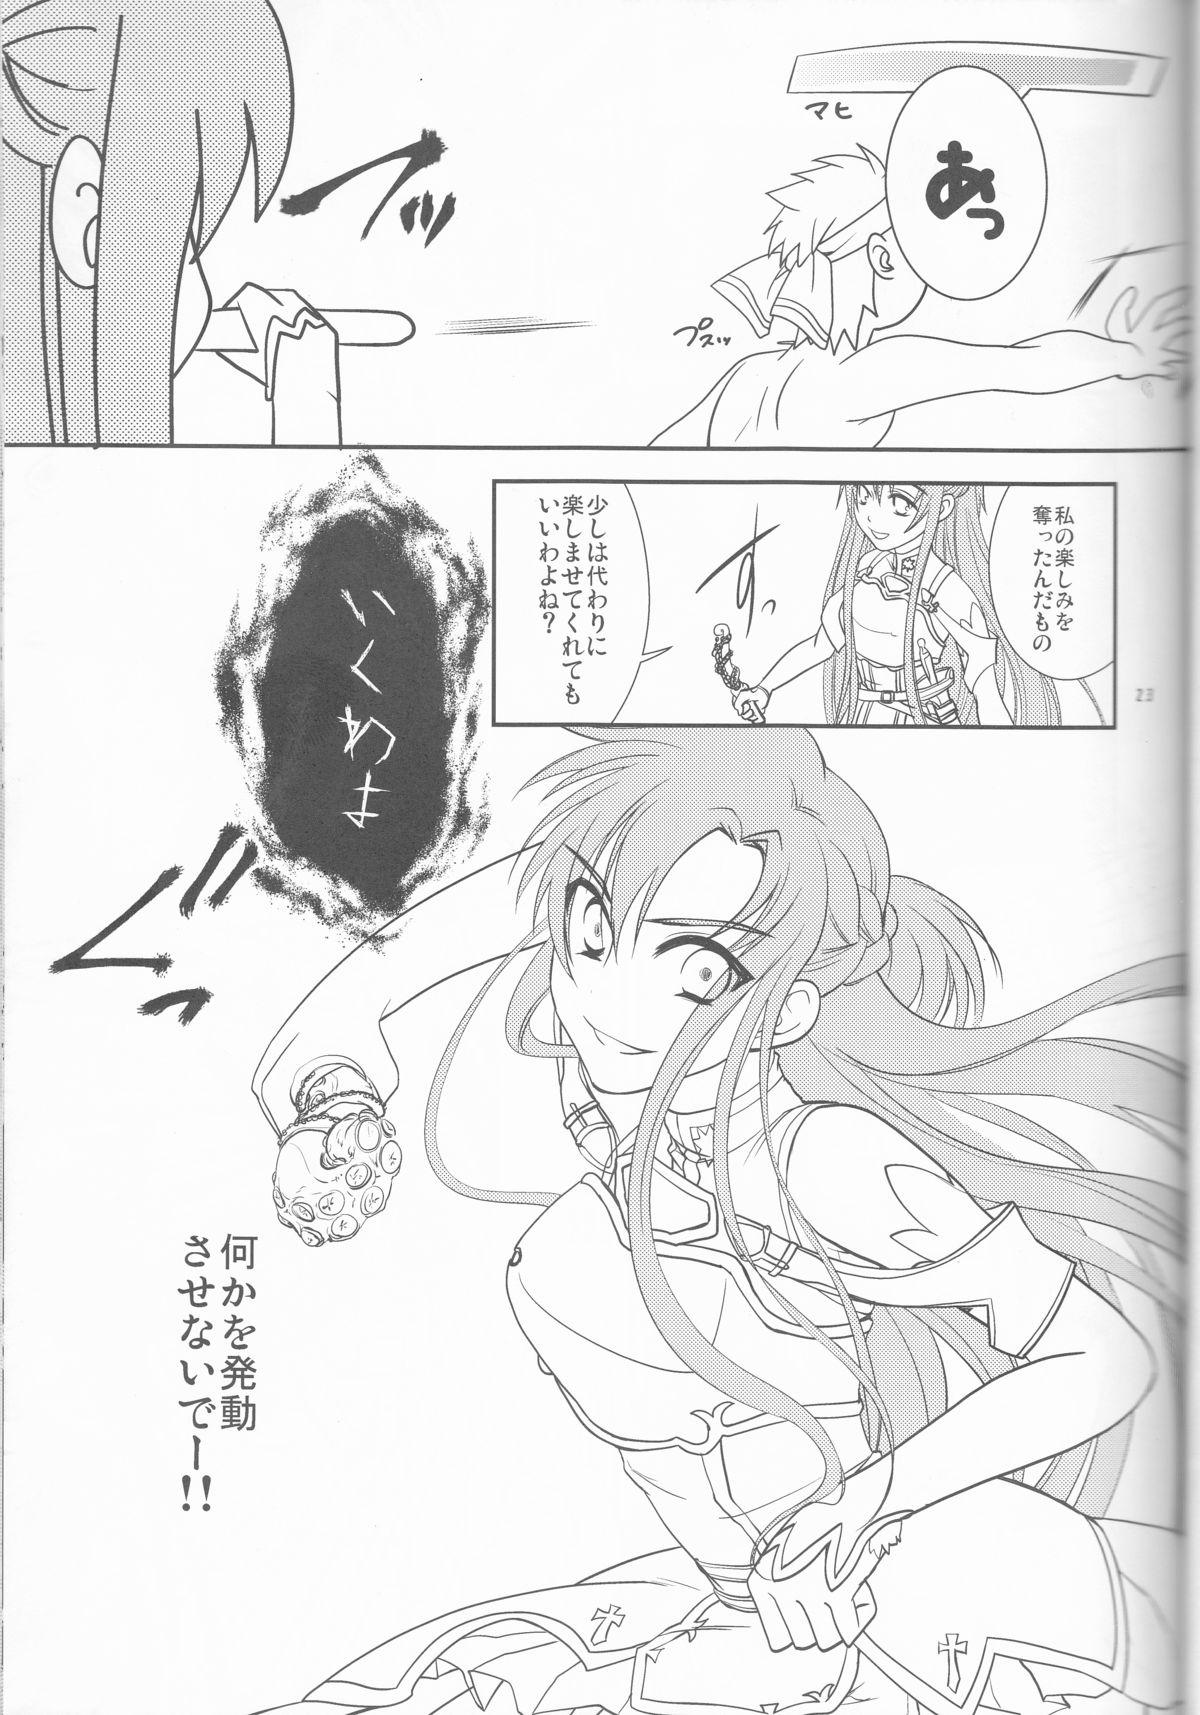 Kirito-kun no shiroku betatsuku nani ka 3 22